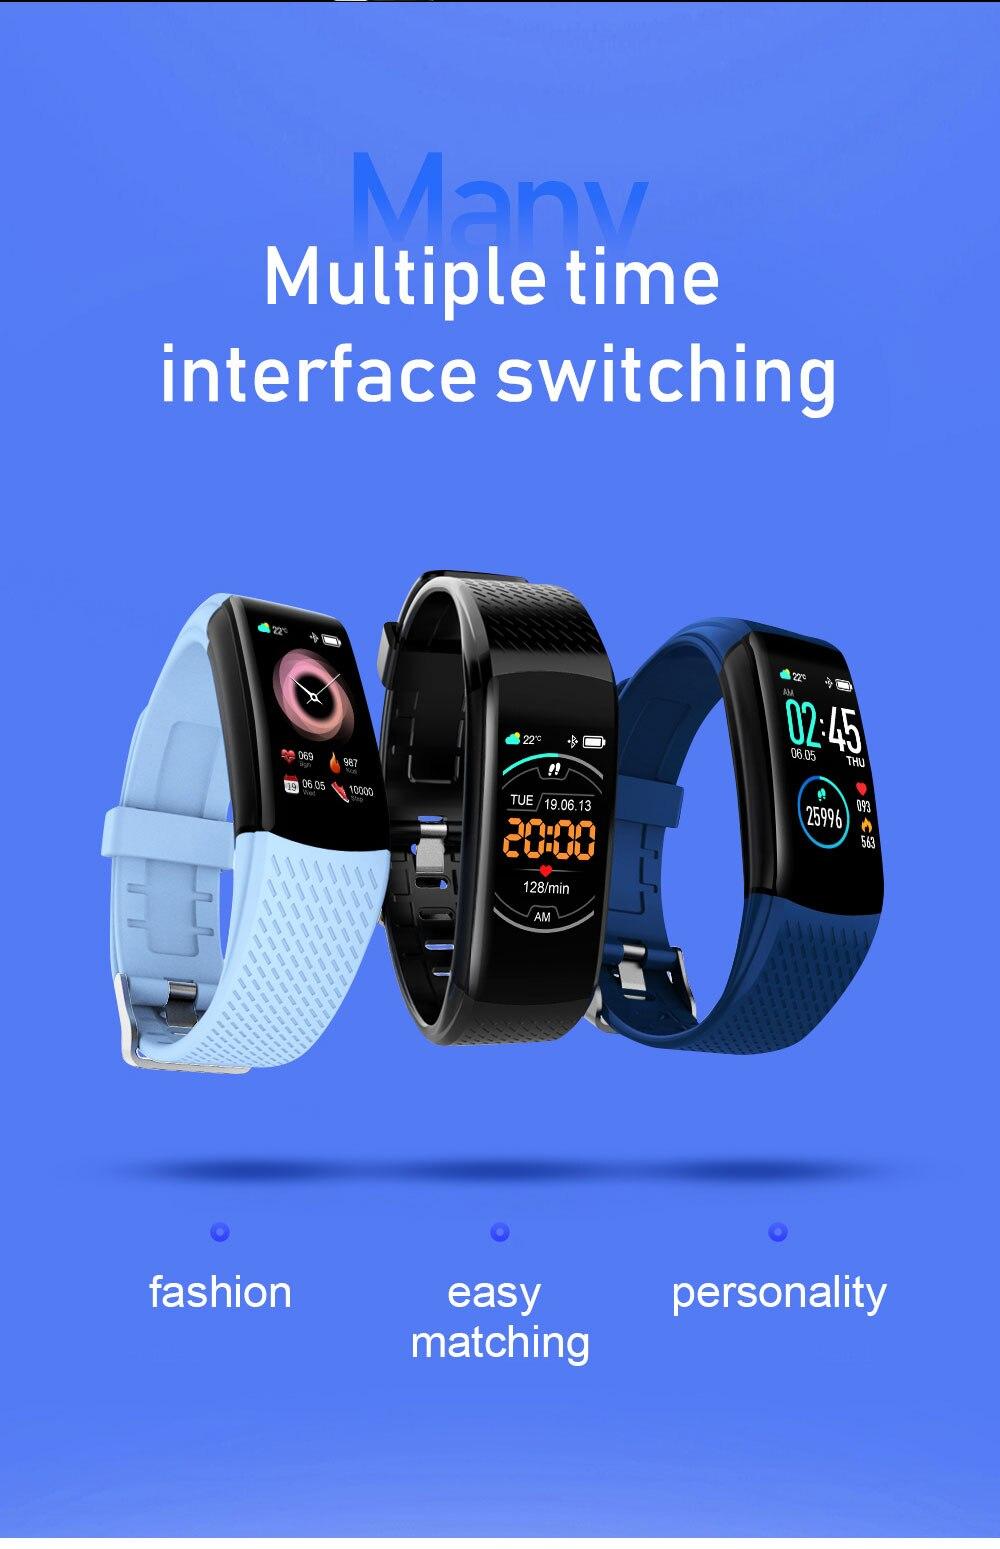 H5154aaacefa044848d942b8410c5b938d Smart Fitness Bracelet Blood Pressure Measurement Fitness Tracker Waterproof Smart Band Watch Heart Rate Tracker For Women Men